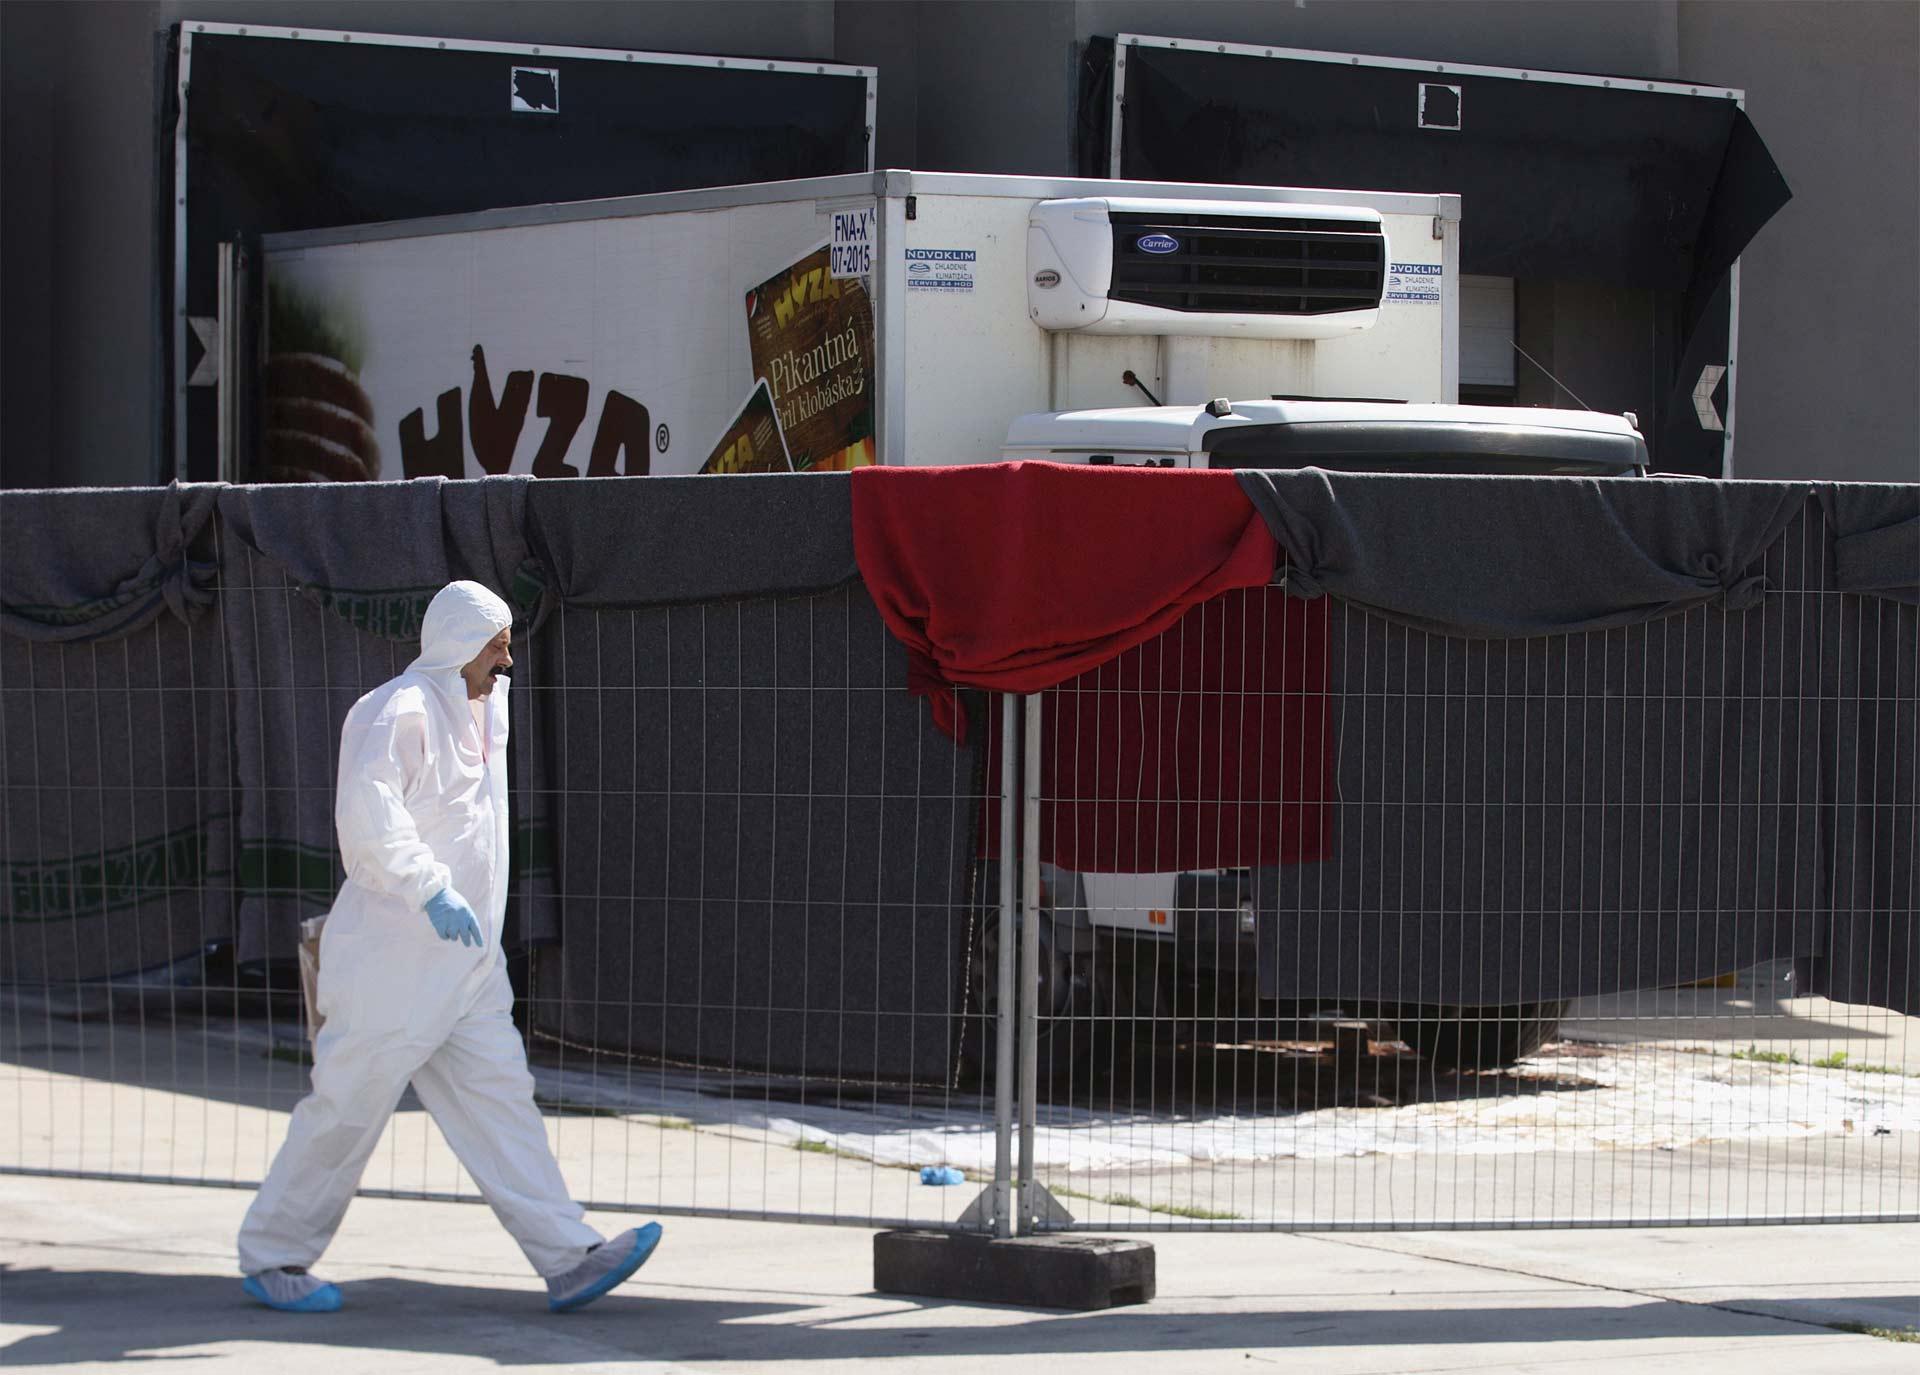 En total fueron detenidos siete sospechosos, entre ellos seis búlgaros relacionados con la muerte de 71 refugiados